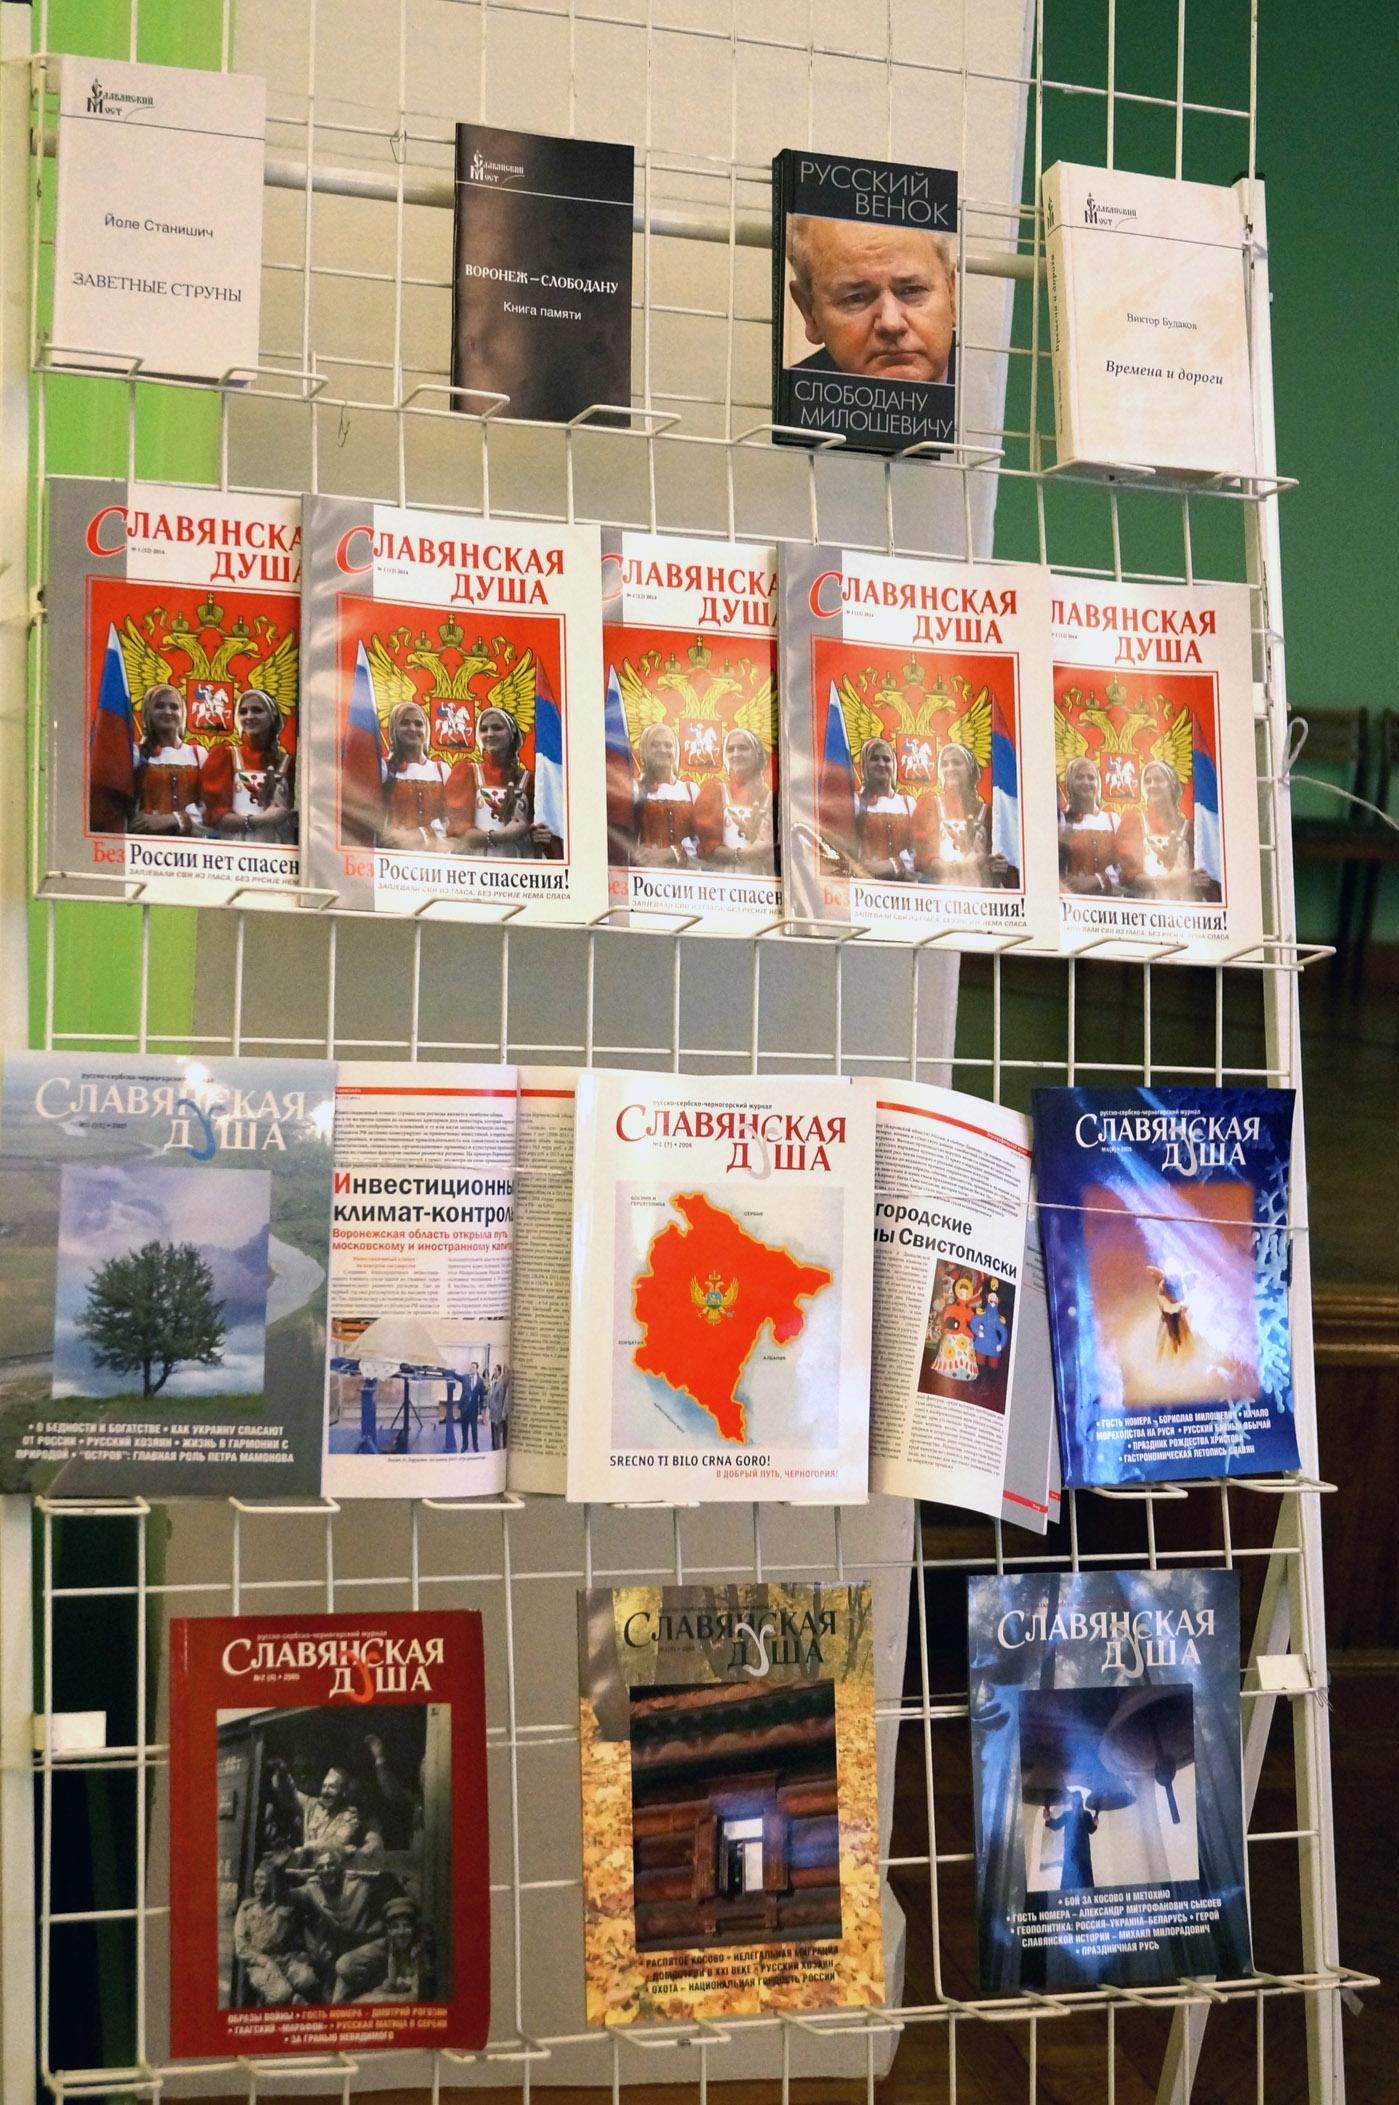 славянская душа журнал